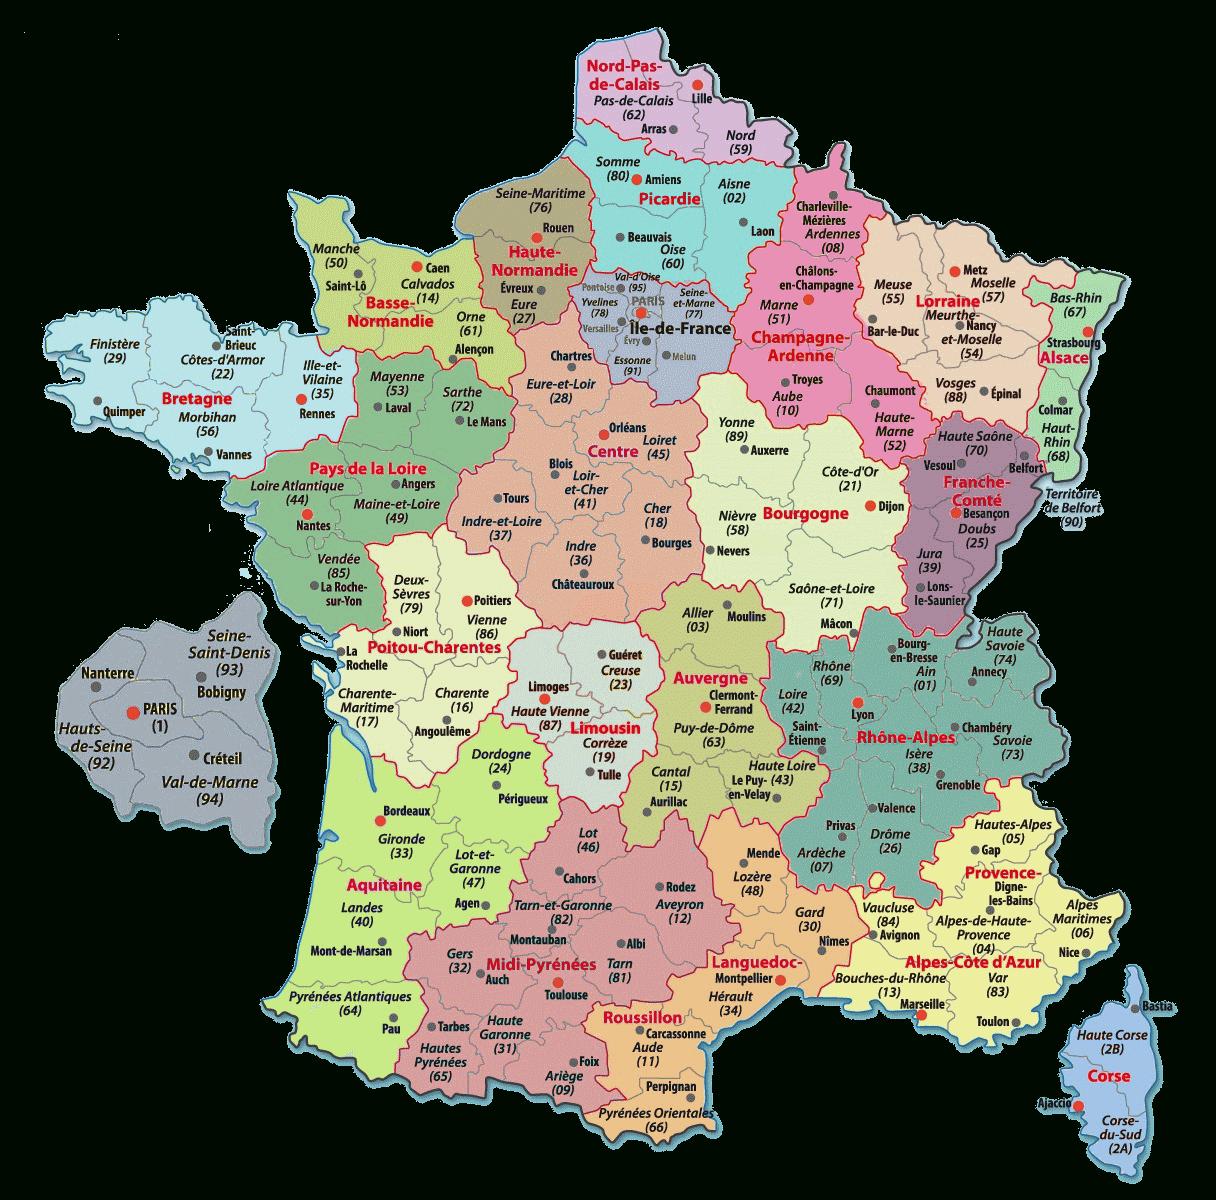 Carte De France Departements : Carte Des Départements De France encequiconcerne Carte Departement Numero